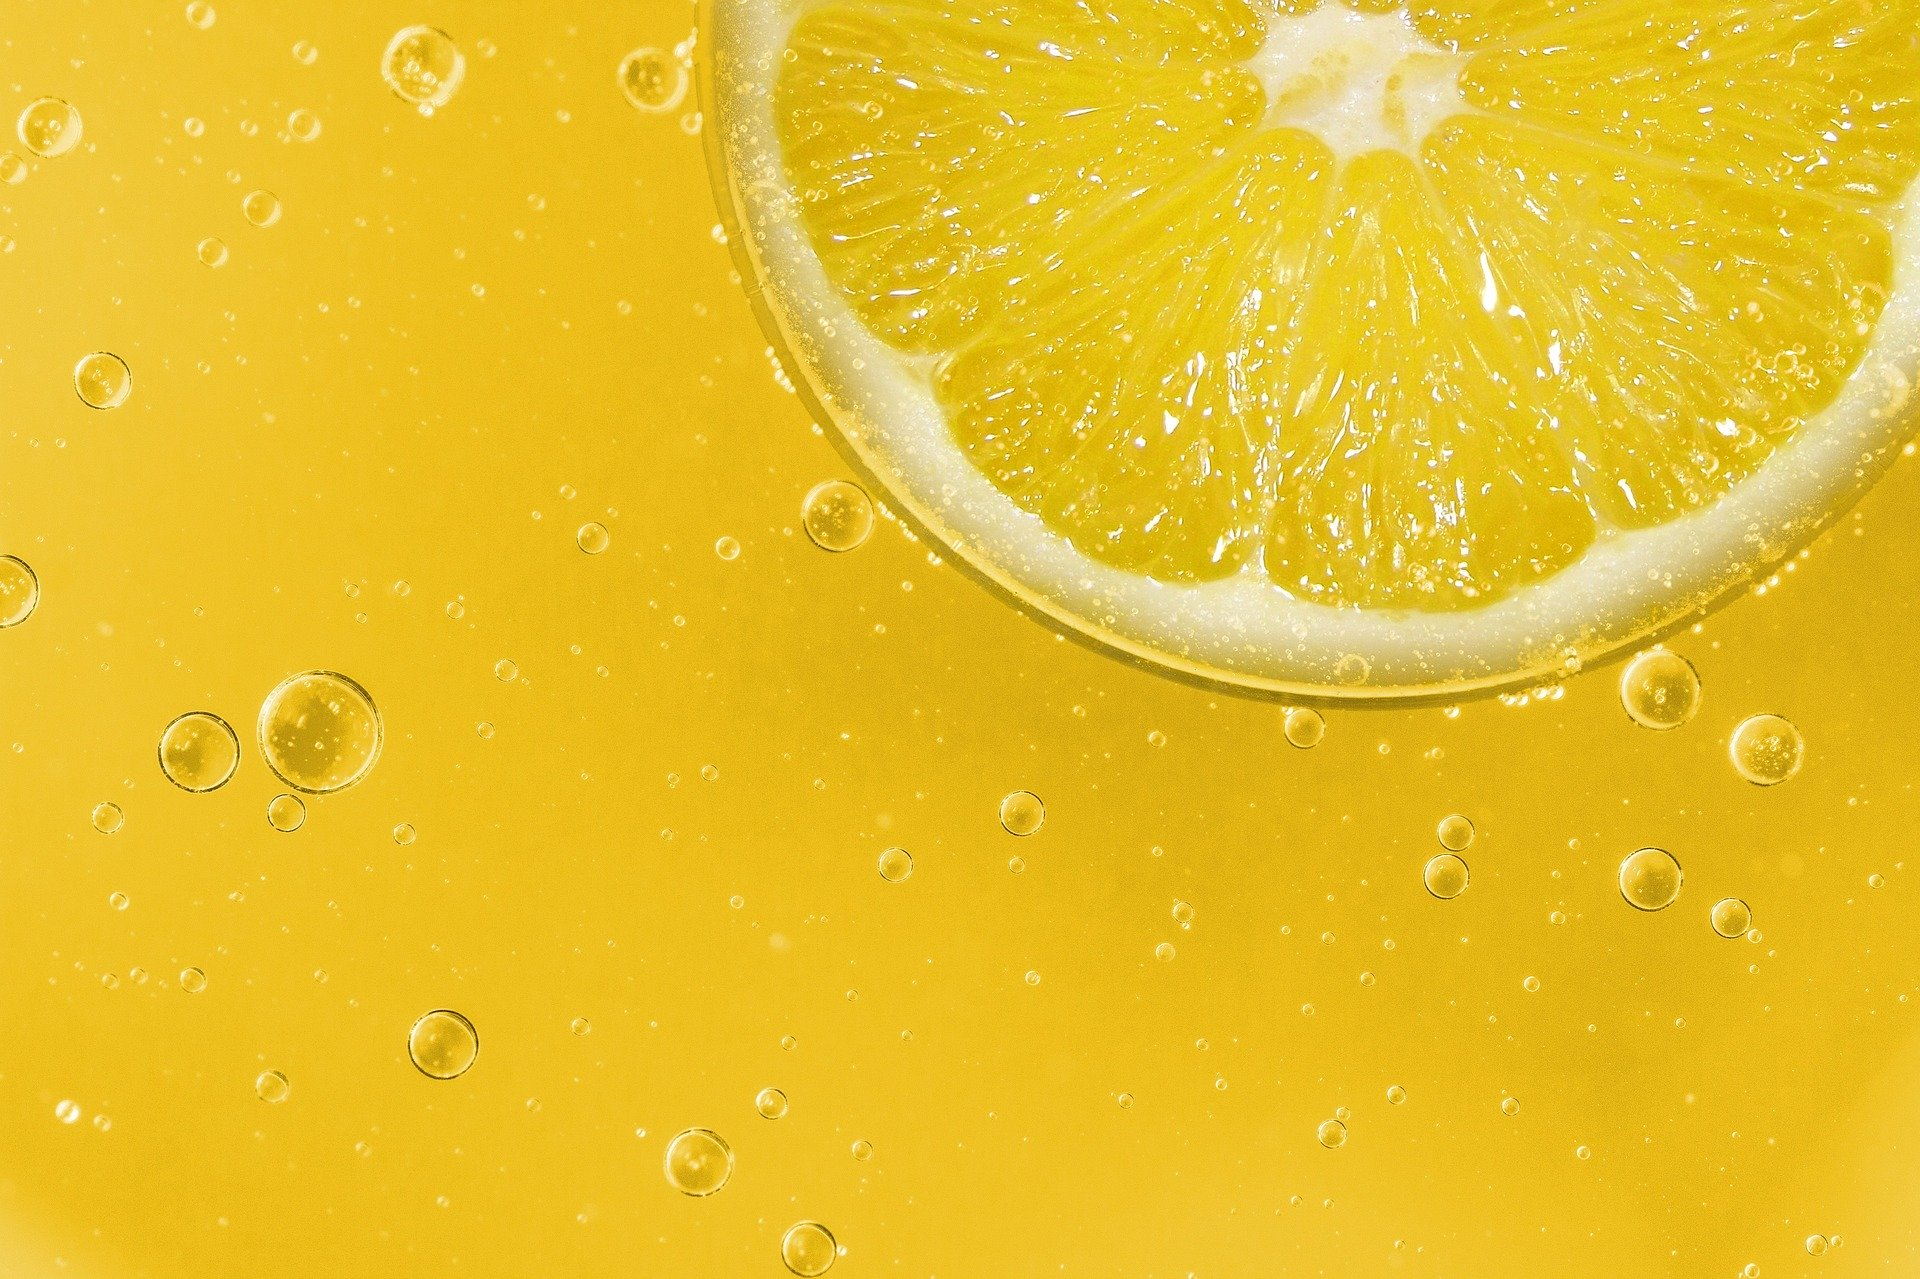 1597549479-lemon-1444025-1920.jpeg